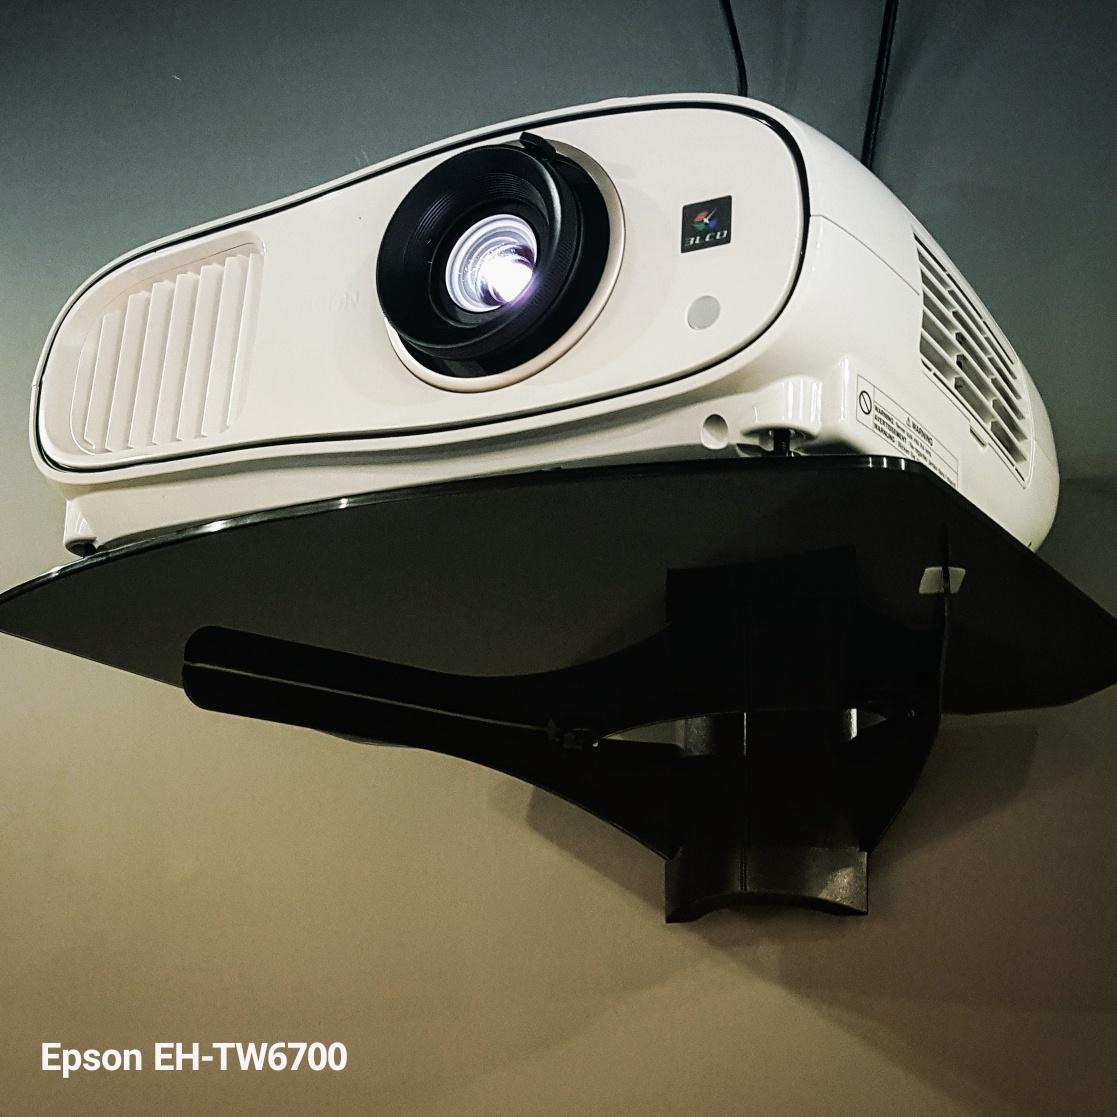 Проектор для кино на примере Epson EH-TW6700. Обзор и сравнение с LCD TV - 9